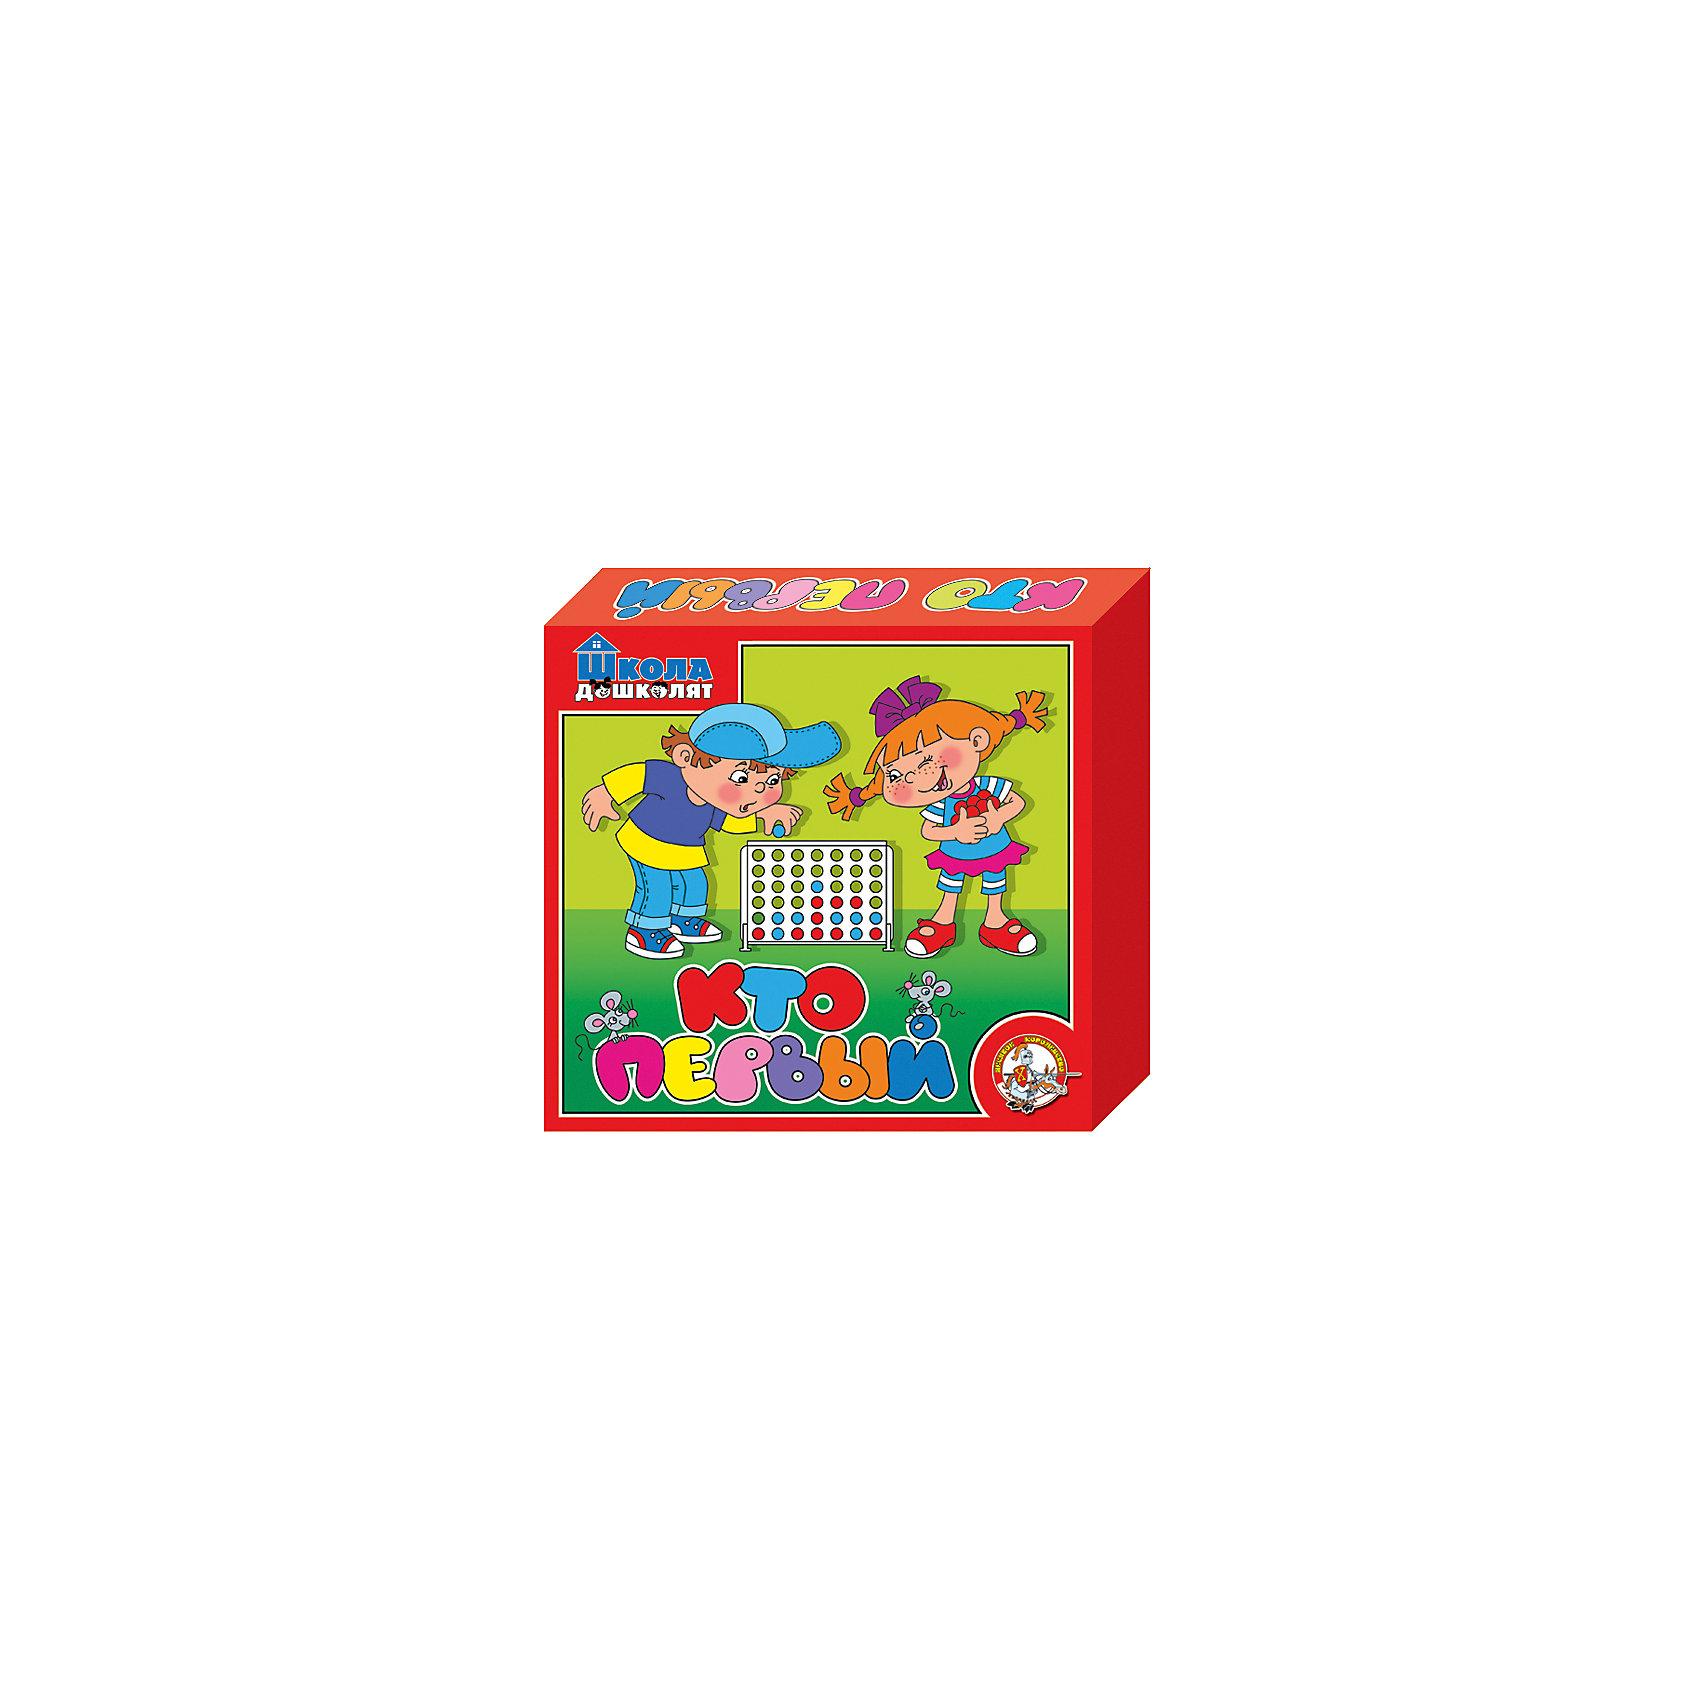 Игра настольная Кто первый, Десятое королевствоСтратегические настольные игры<br>Характеристики:<br><br>• возраст: от 5 лет<br>• в наборе: планшет, держатели - 2 шт., фишки двух цветов - 42 шт.<br>• количество игроков: 2 человека<br>• материал: пластик<br>• размер упаковки: 23x20x4 см.<br>• вес: 280 гр.<br><br>Настольная развлекательная игра с элементами логики «Кто первый» построена по принципу «Крестики-нолики». Она рассчитана на двух игроков. Цель игры - выиграть, выстроив в ряд четыре фишки своего цвета в любом из направлений - горизонтальном, вертикальном или по диагонали. <br><br>Игра развивает мелкую моторику рук, пространственное мышление, внимание, усидчивость, логику. Элементы игры выполнены из качественного пластика.<br><br>Игру настольную Кто первый, Десятое королевство можно купить в нашем интернет-магазине.<br><br>Ширина мм: 230<br>Глубина мм: 200<br>Высота мм: 35<br>Вес г: 238<br>Возраст от месяцев: 60<br>Возраст до месяцев: 2147483647<br>Пол: Унисекс<br>Возраст: Детский<br>SKU: 6723914